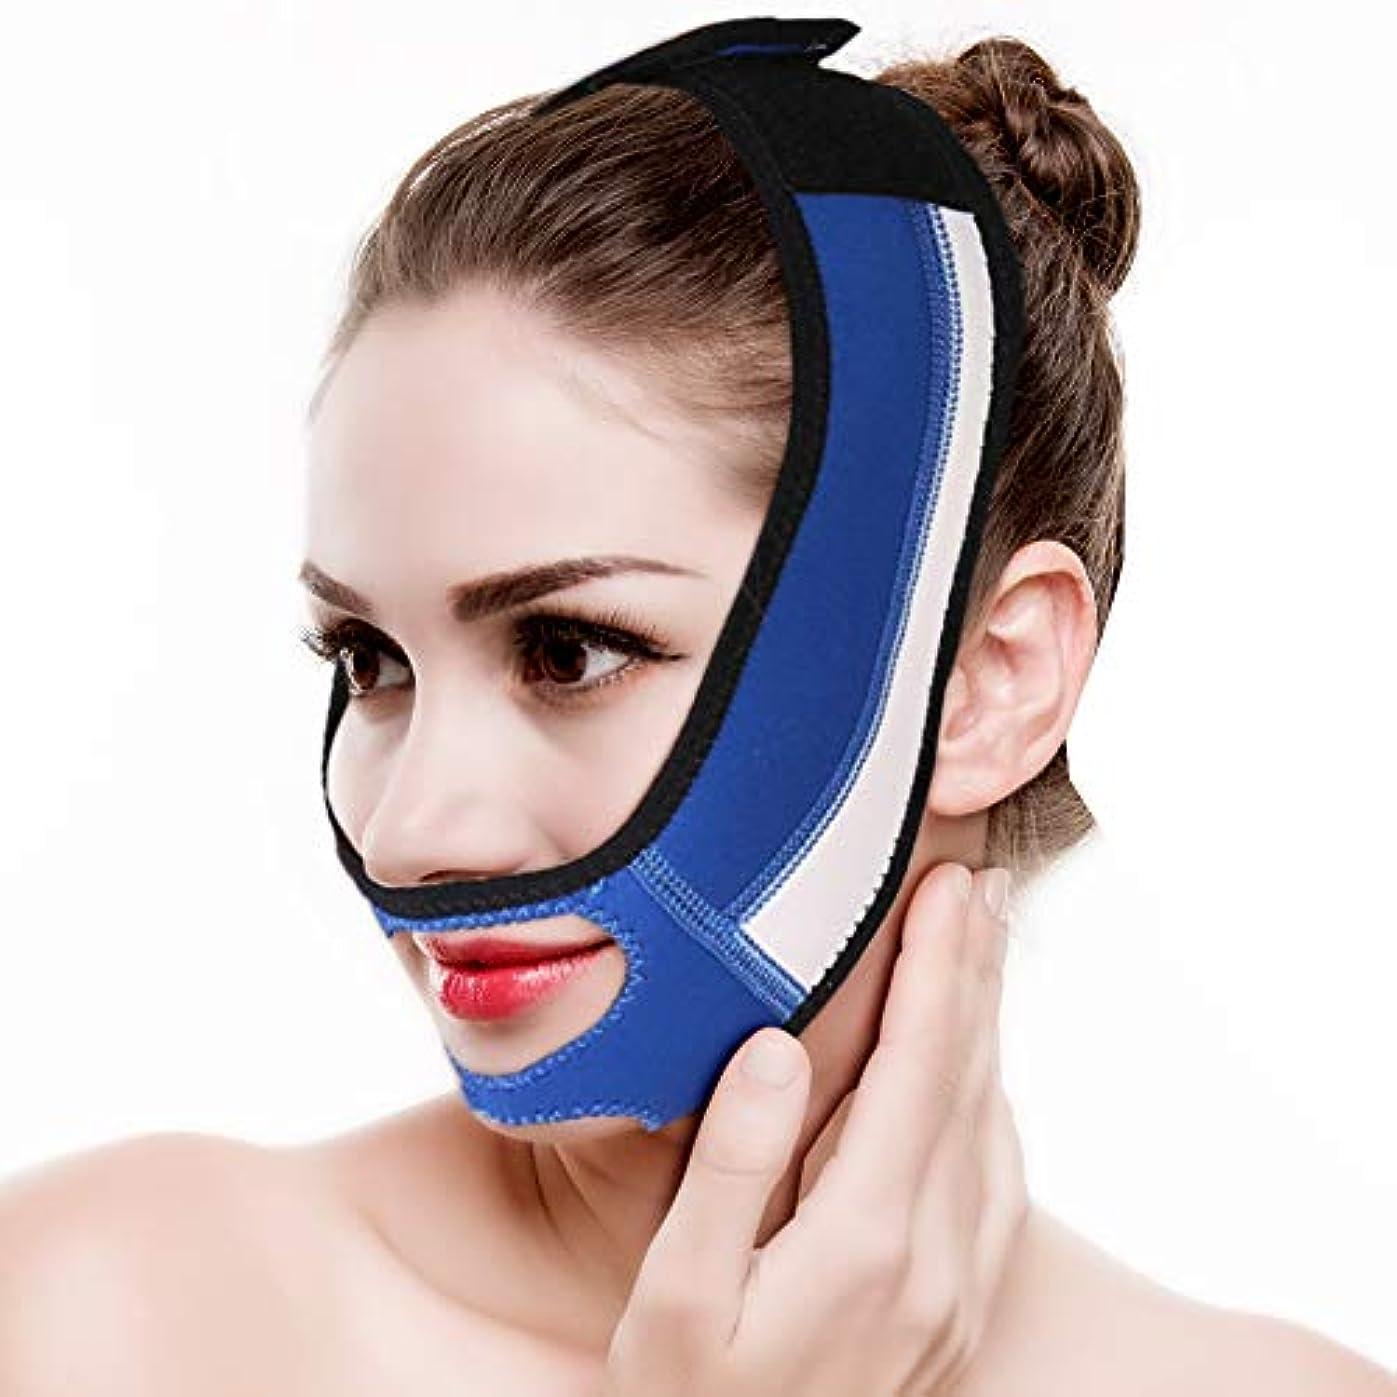 シフトトランスペアレントハシーSemme顔の細くマスクの上昇の表面ベルトは皮の包帯を調節します、二重あごは調節可能な減量の包帯を取除きます